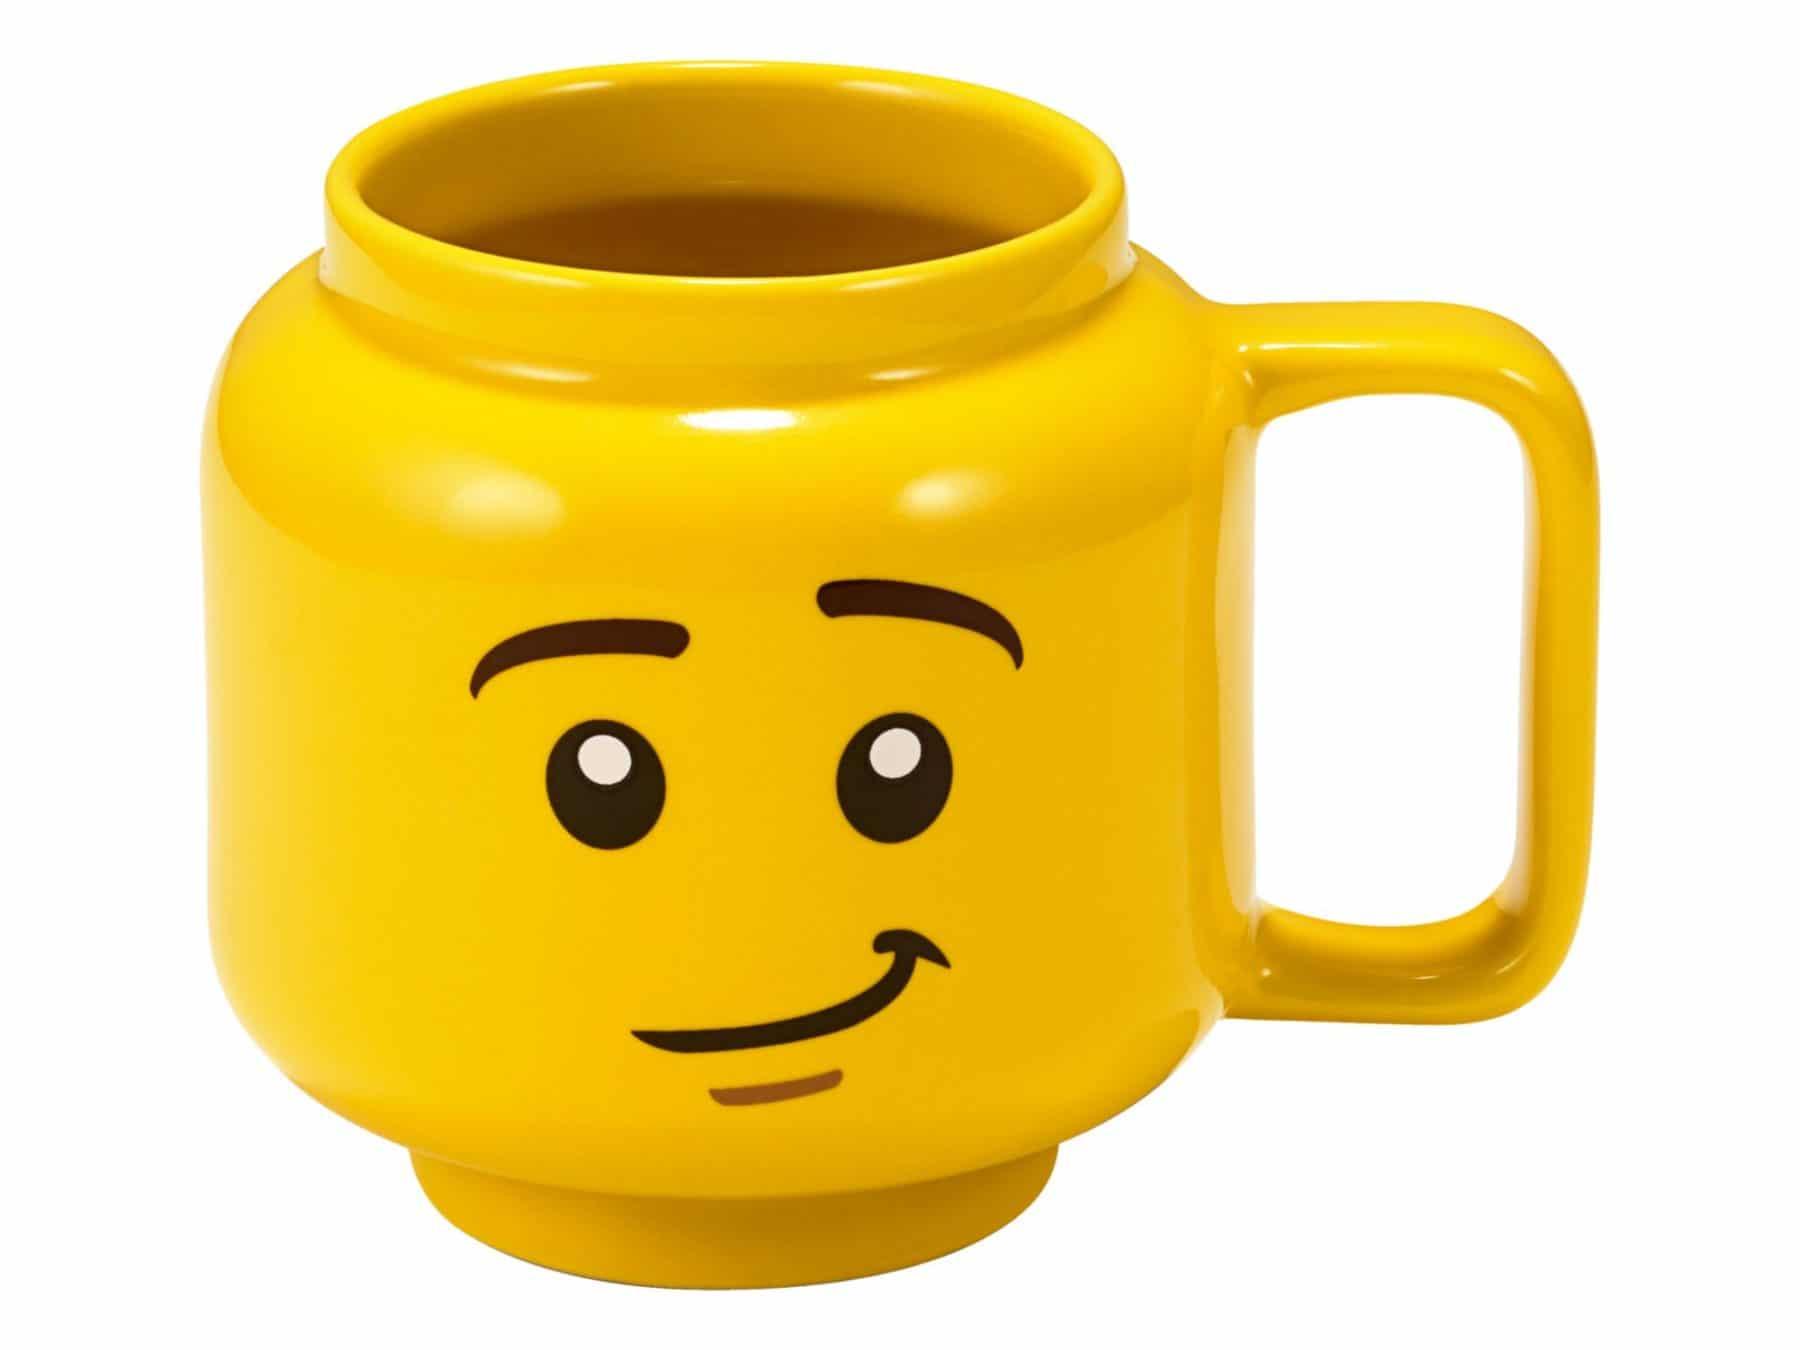 LEGO 853910 Keramikbecher